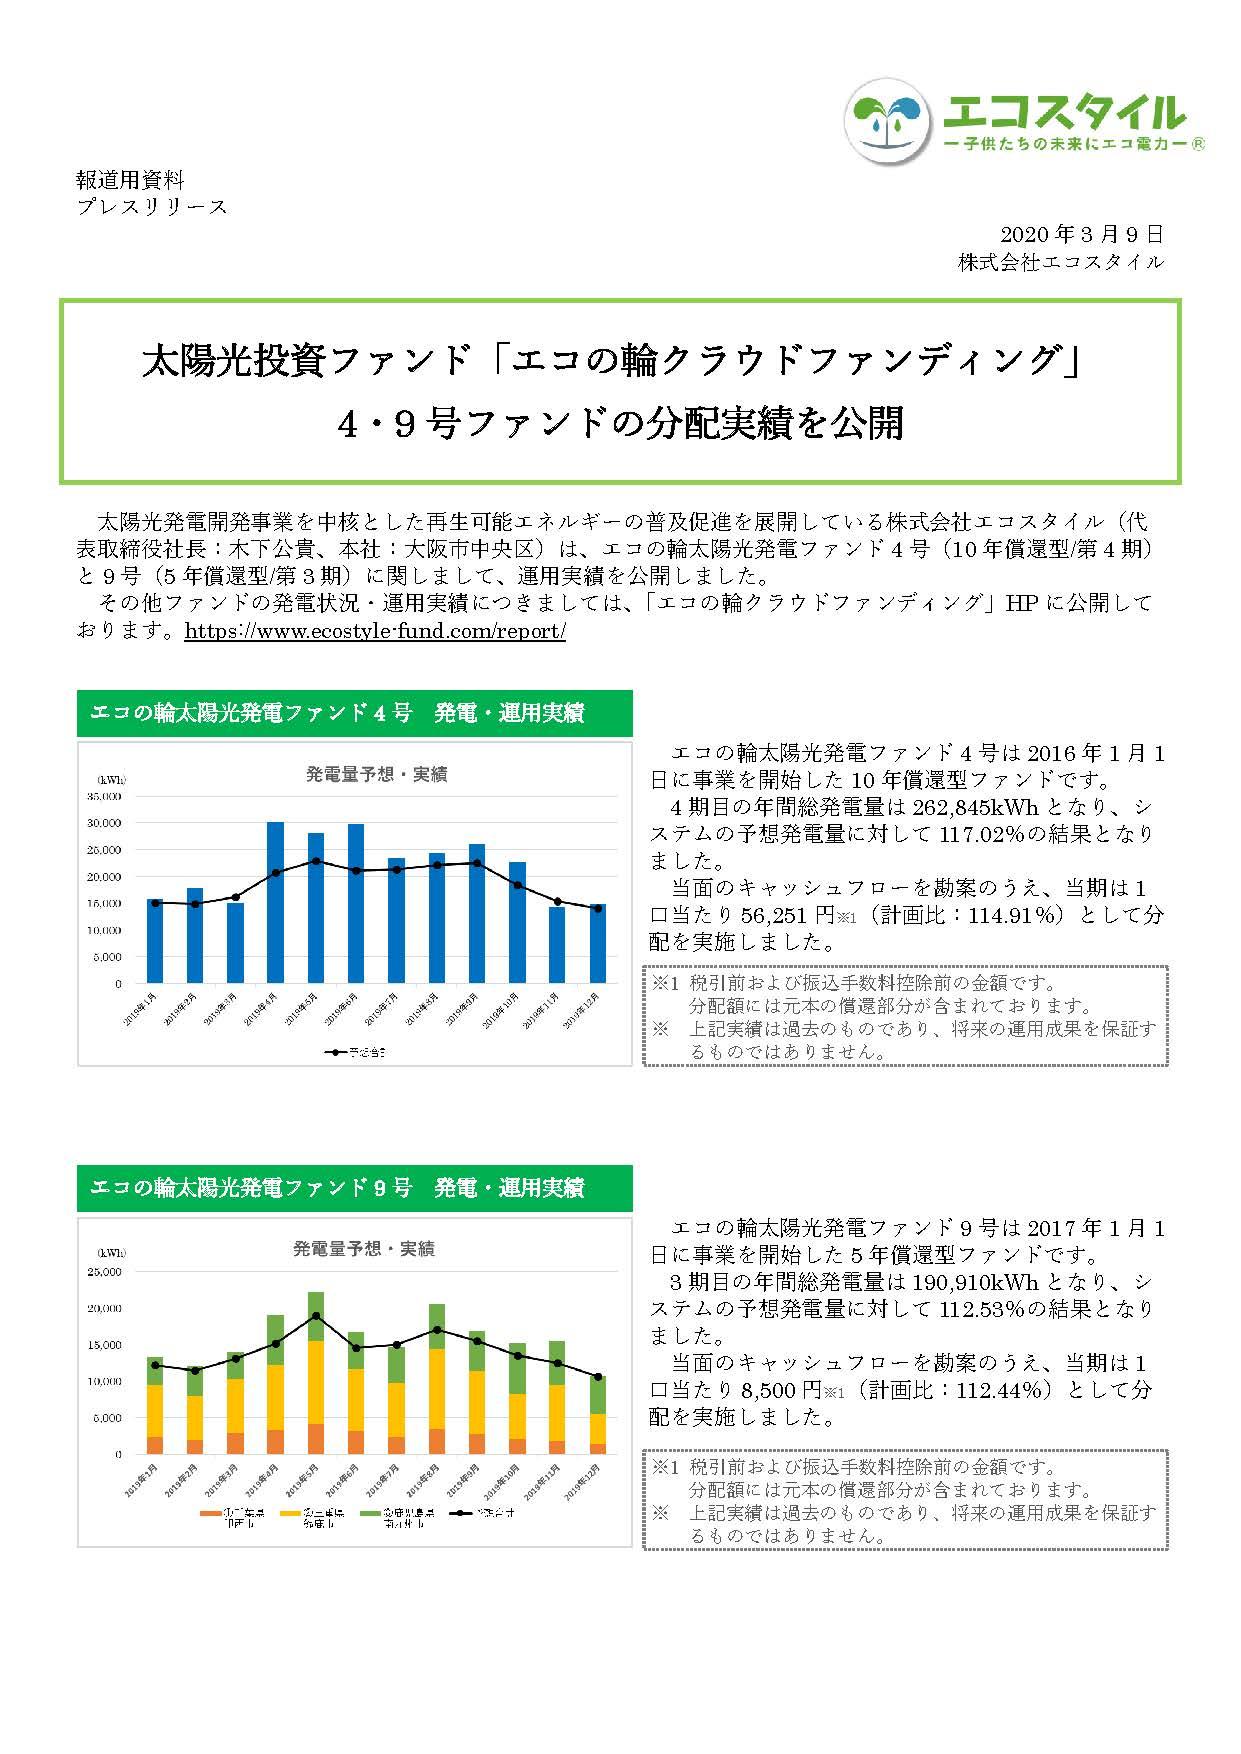 太陽光投資ファンド「エコの輪クラウドファンディング」4・9号ファンドの分配実績を公開